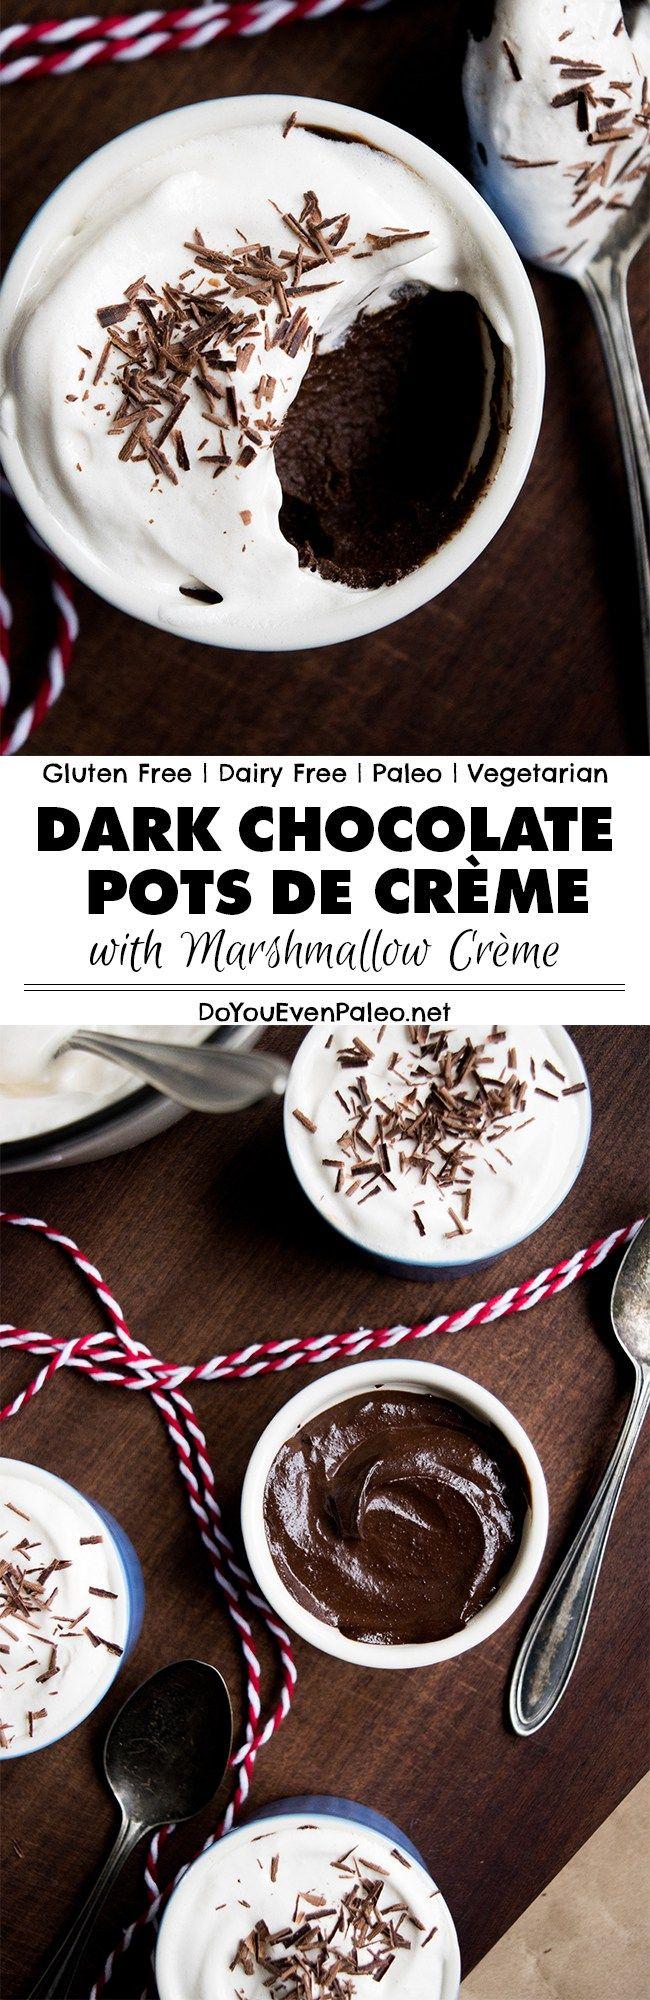 Dark Chocolate Pots de Crème with Marshmallow Crème   DoYouEvenPaleo.net